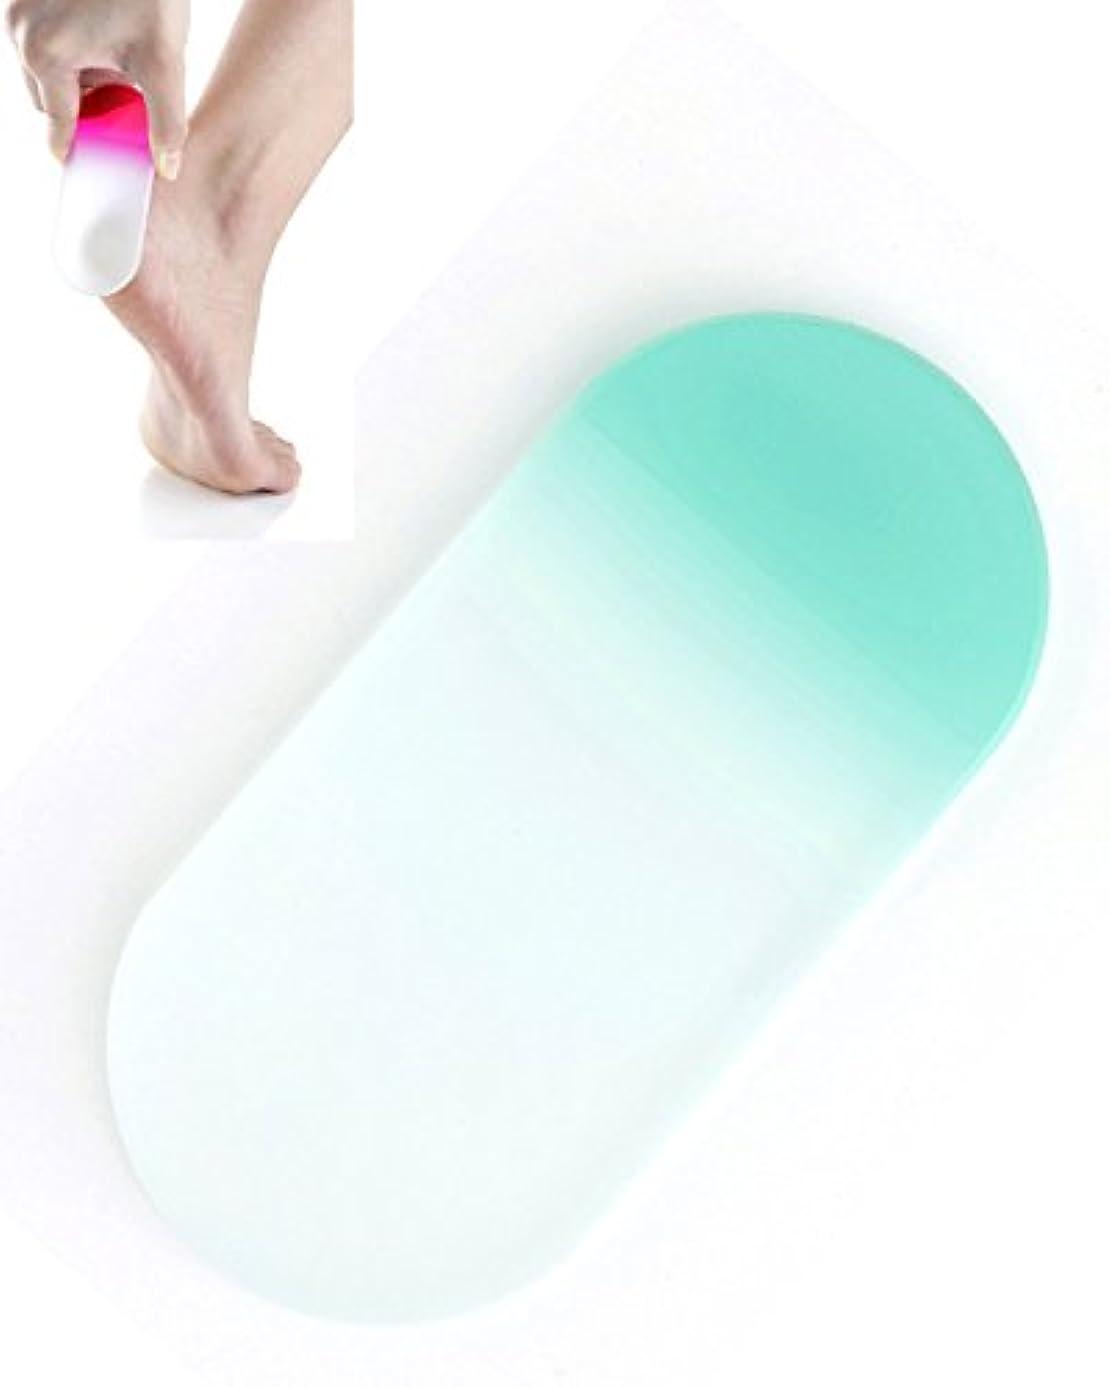 風刺子供時代にやにやBISON チェコ製ガラス かかとキレイ アクアブルー 荒目/細目両面 専用ケース付 介護用